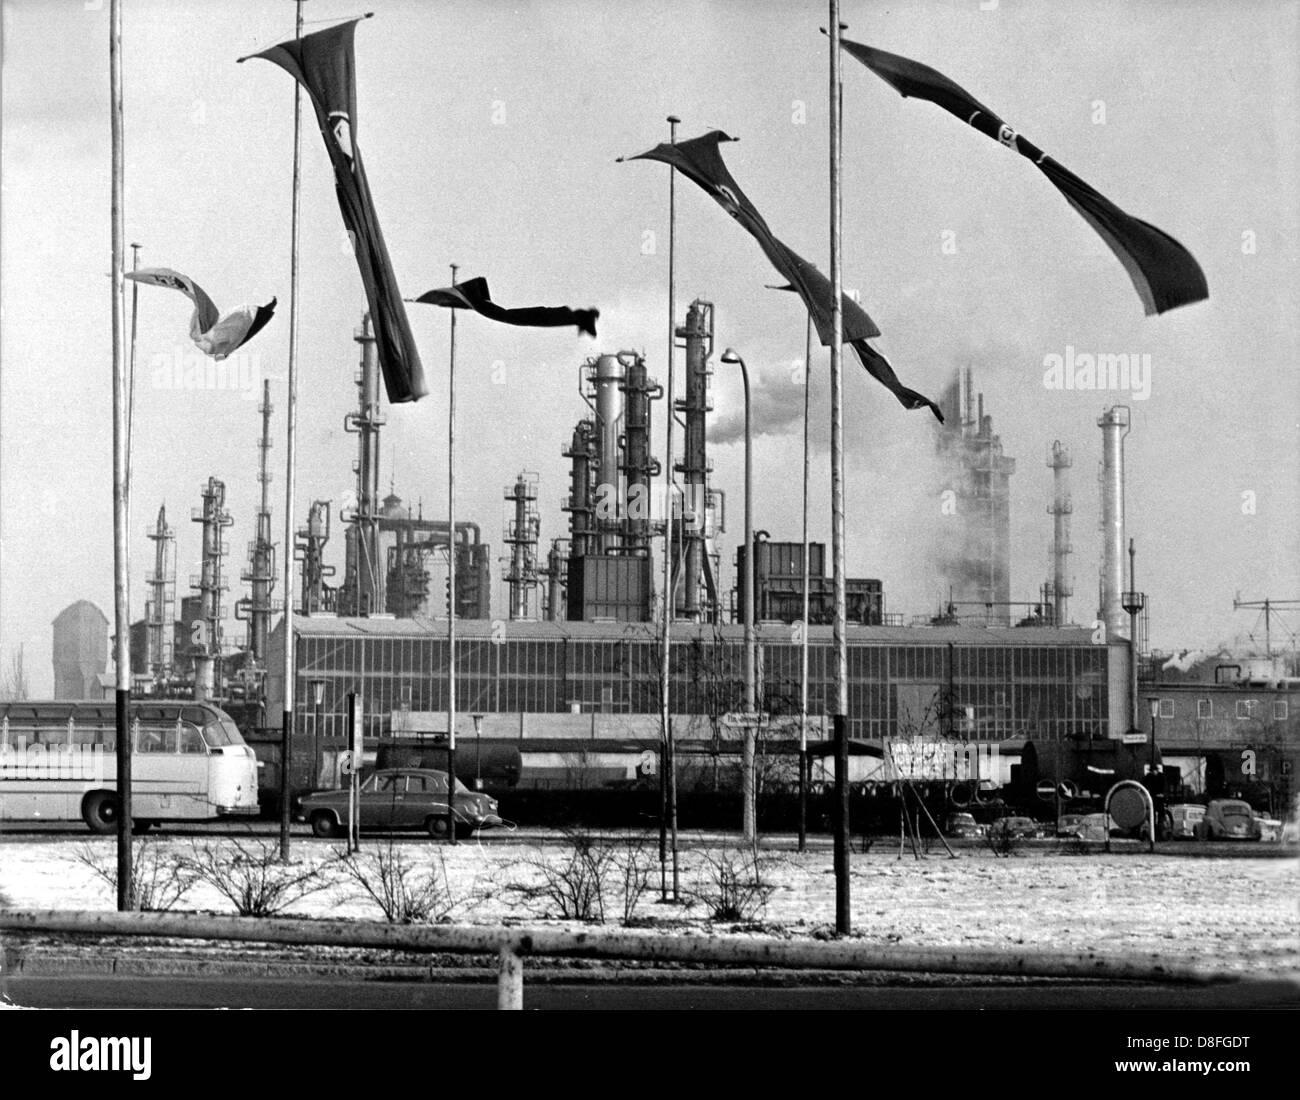 Avis d'une partie de l'Farbwerke Hoechst le 10 janvier en 1963 à l'occasion du 100e anniversaire de la société. Banque D'Images